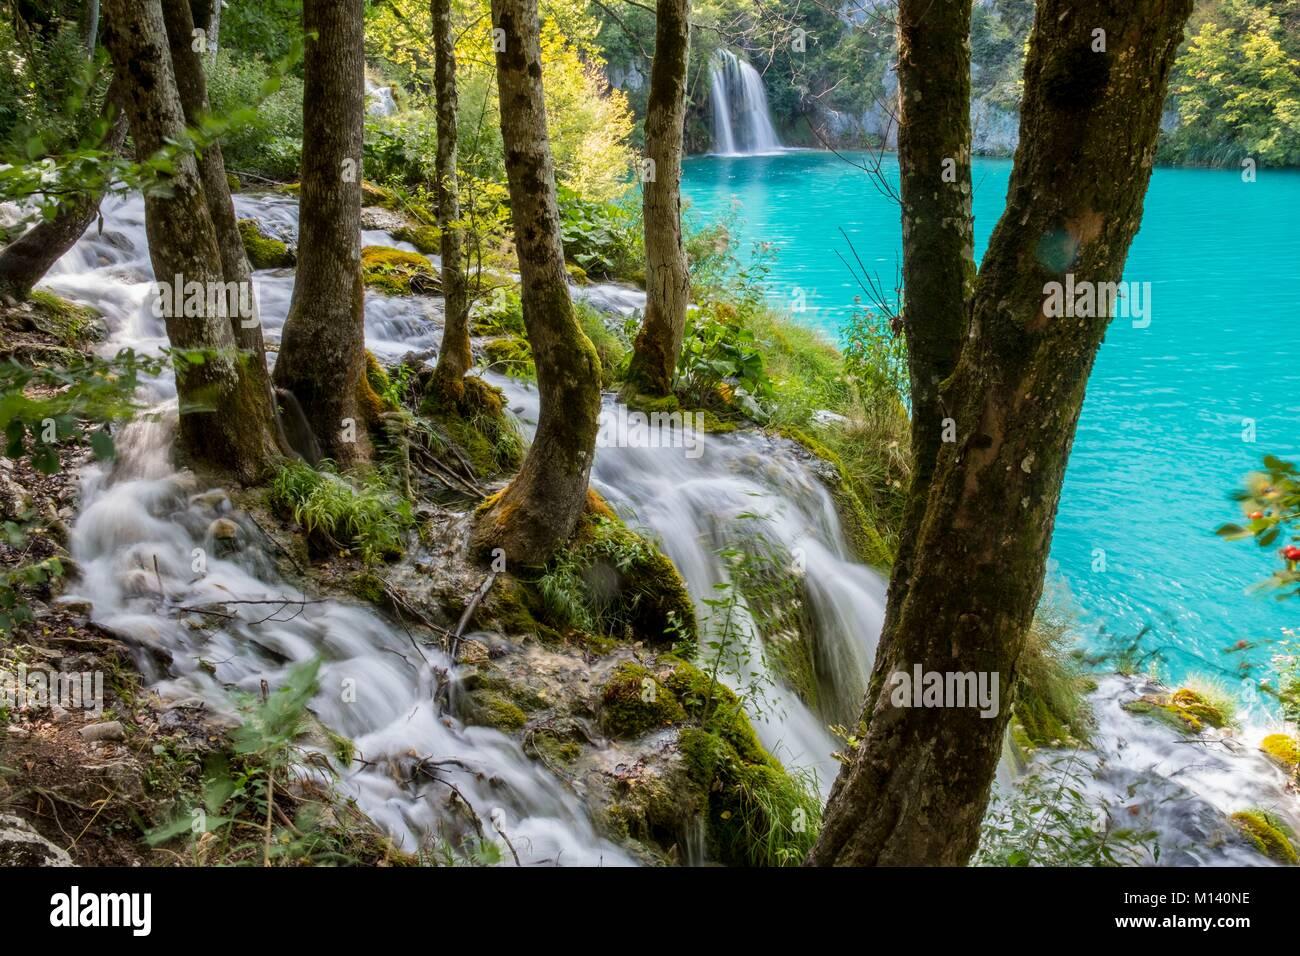 Kroatien, Nord Dalmatien, Nationalpark Plitvicer Seen ein UNESCO Weltkulturerbe, Unteren Seen Stockbild